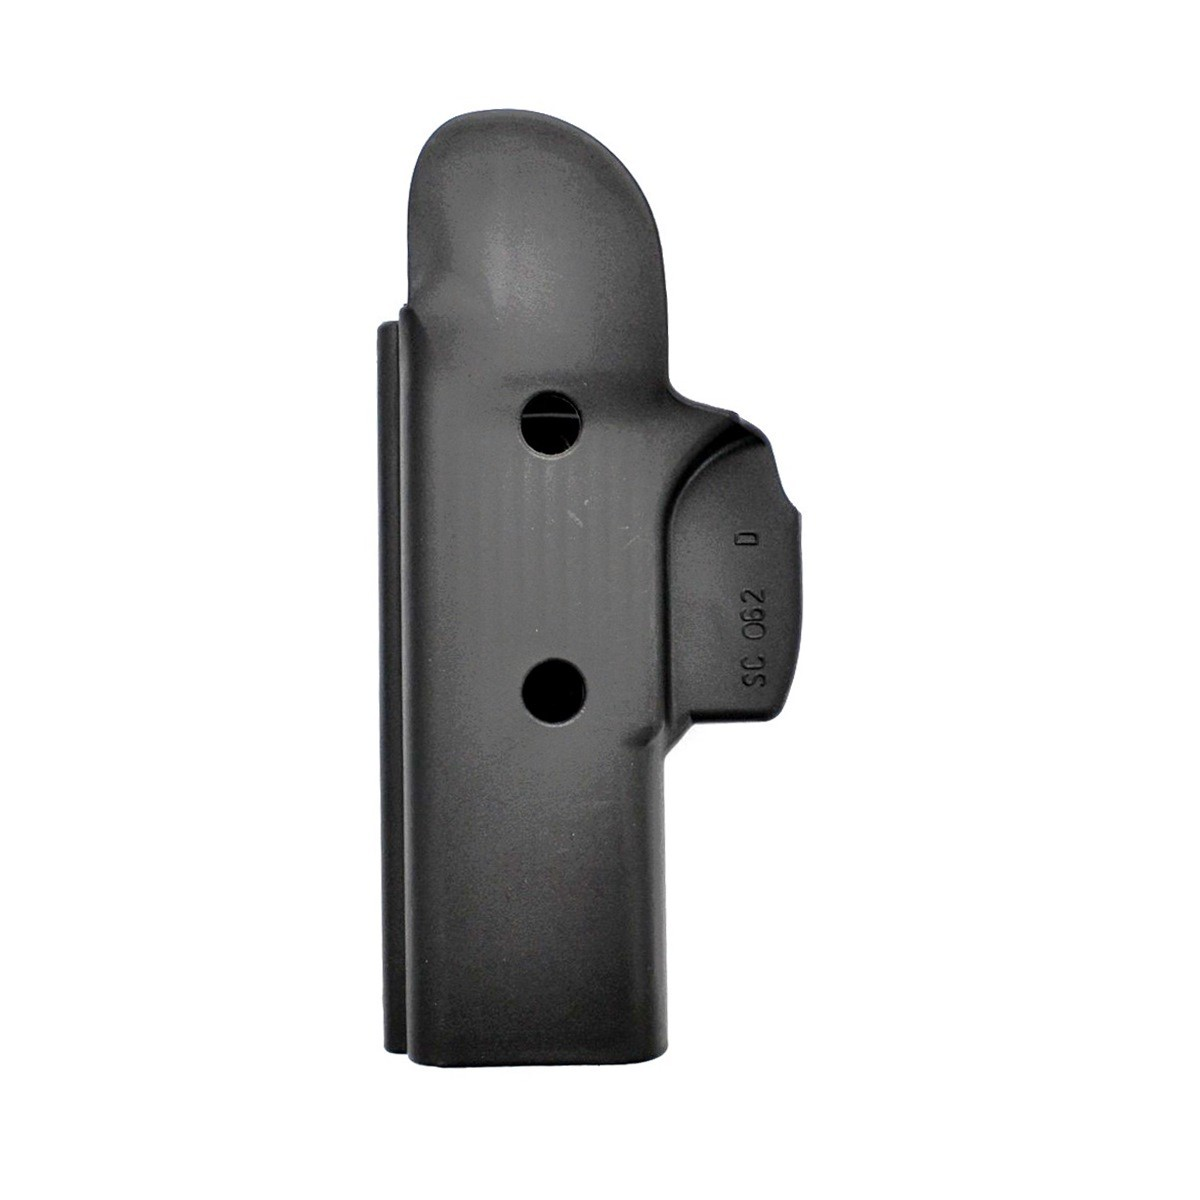 Coldre Velado Universal em Polímero para Pistola - Só Coldres